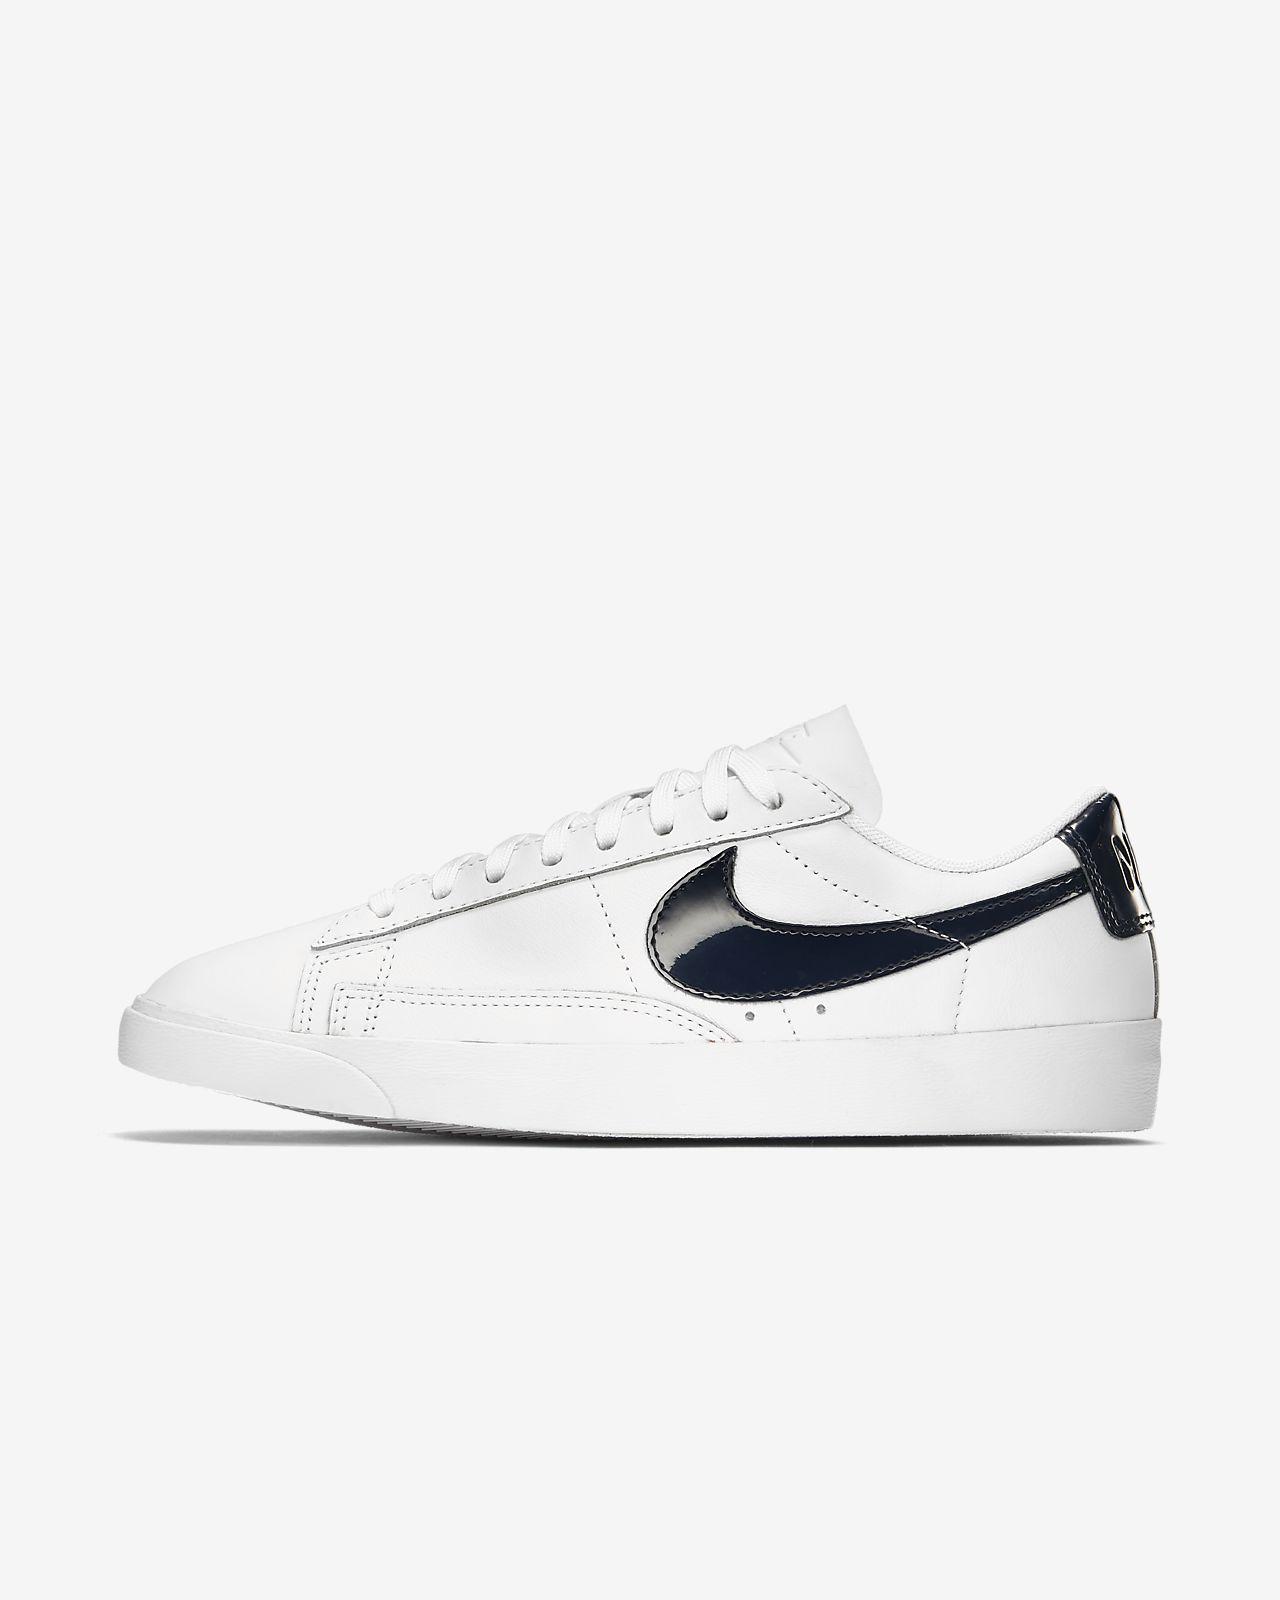 Mens Dibujos Chaquetas Nike En Blanco Y Negro la mejor compra TPmYu4